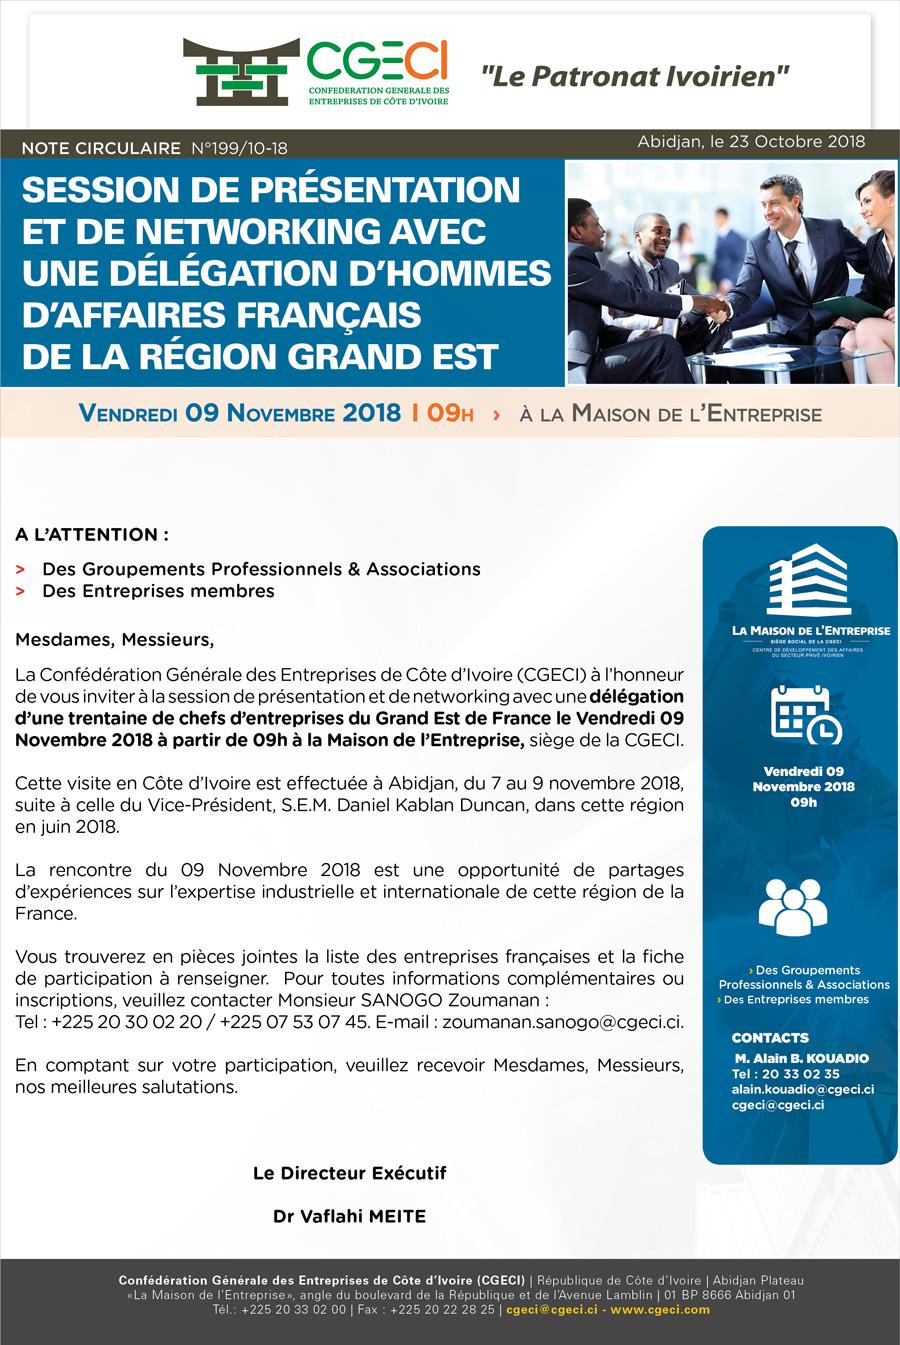 Session de présentation et de Networking avec une délégation d'hommes d'affaires français de la région Grand Est